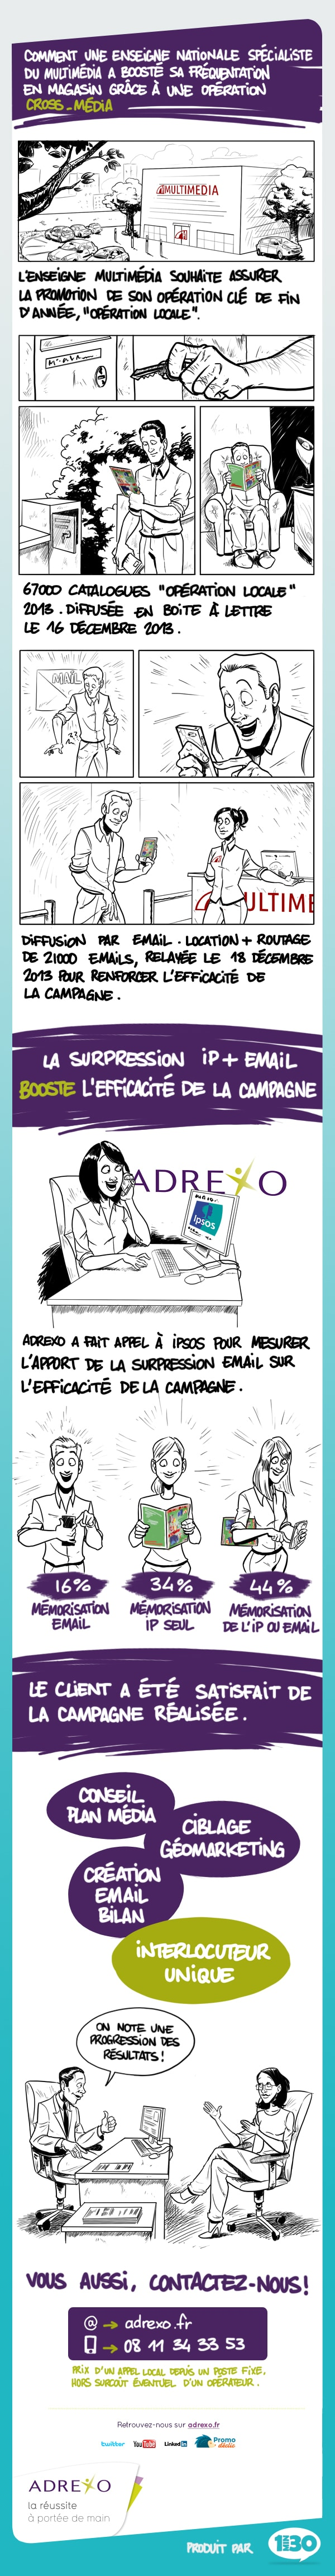 Réalisation d'infographies pour Adrexo